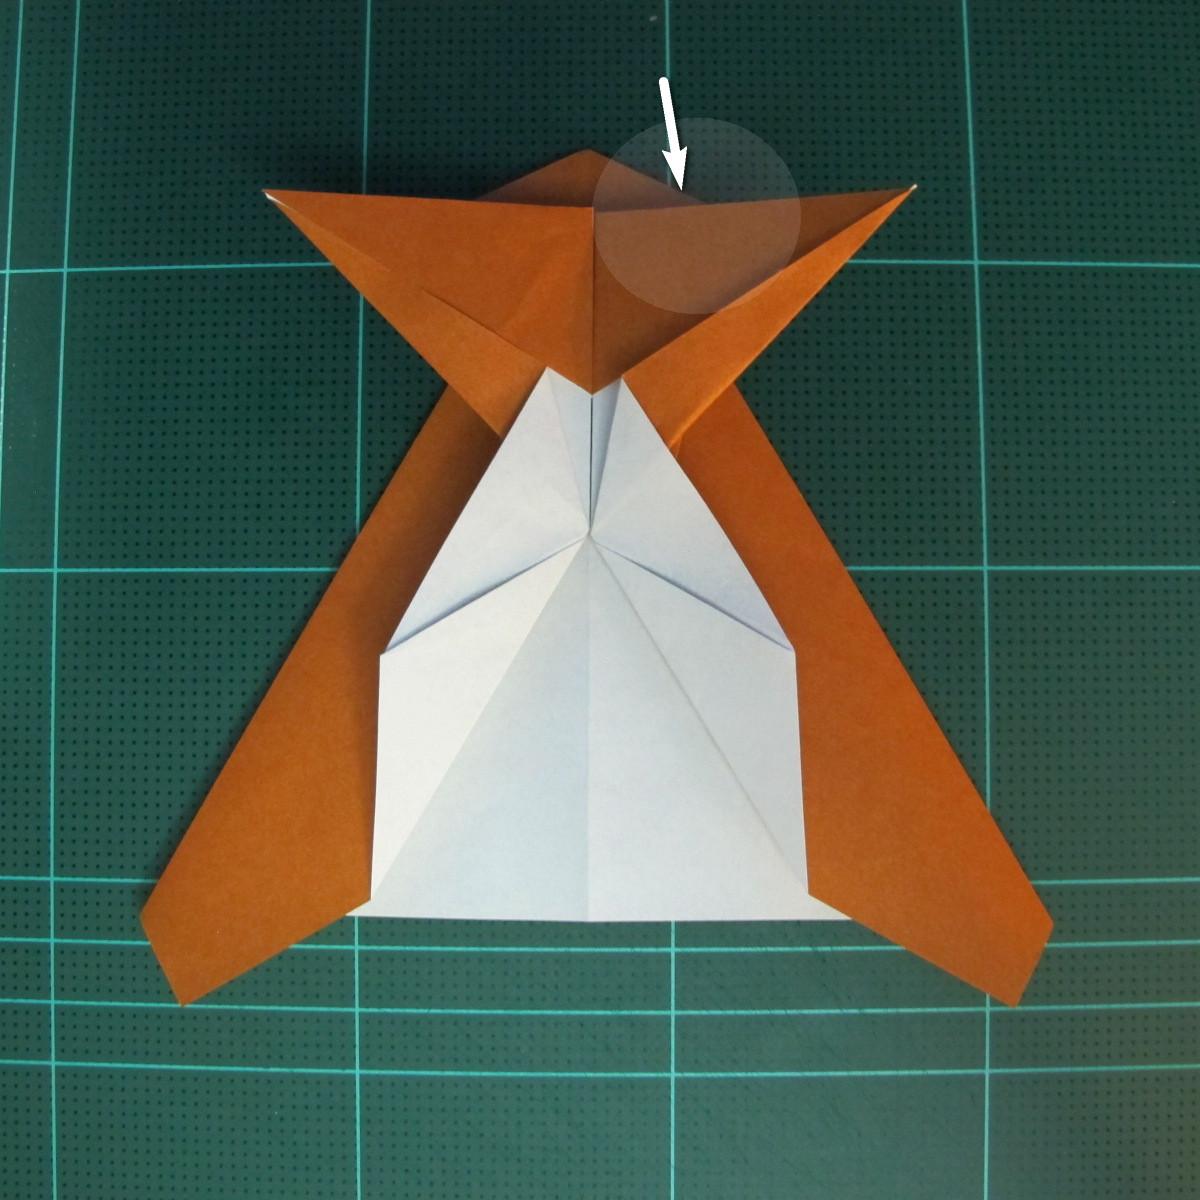 วิธีการพับกระดาษเป็นรูปกบ (แบบโคลัมเบี้ยน) (Origami Frog) 026